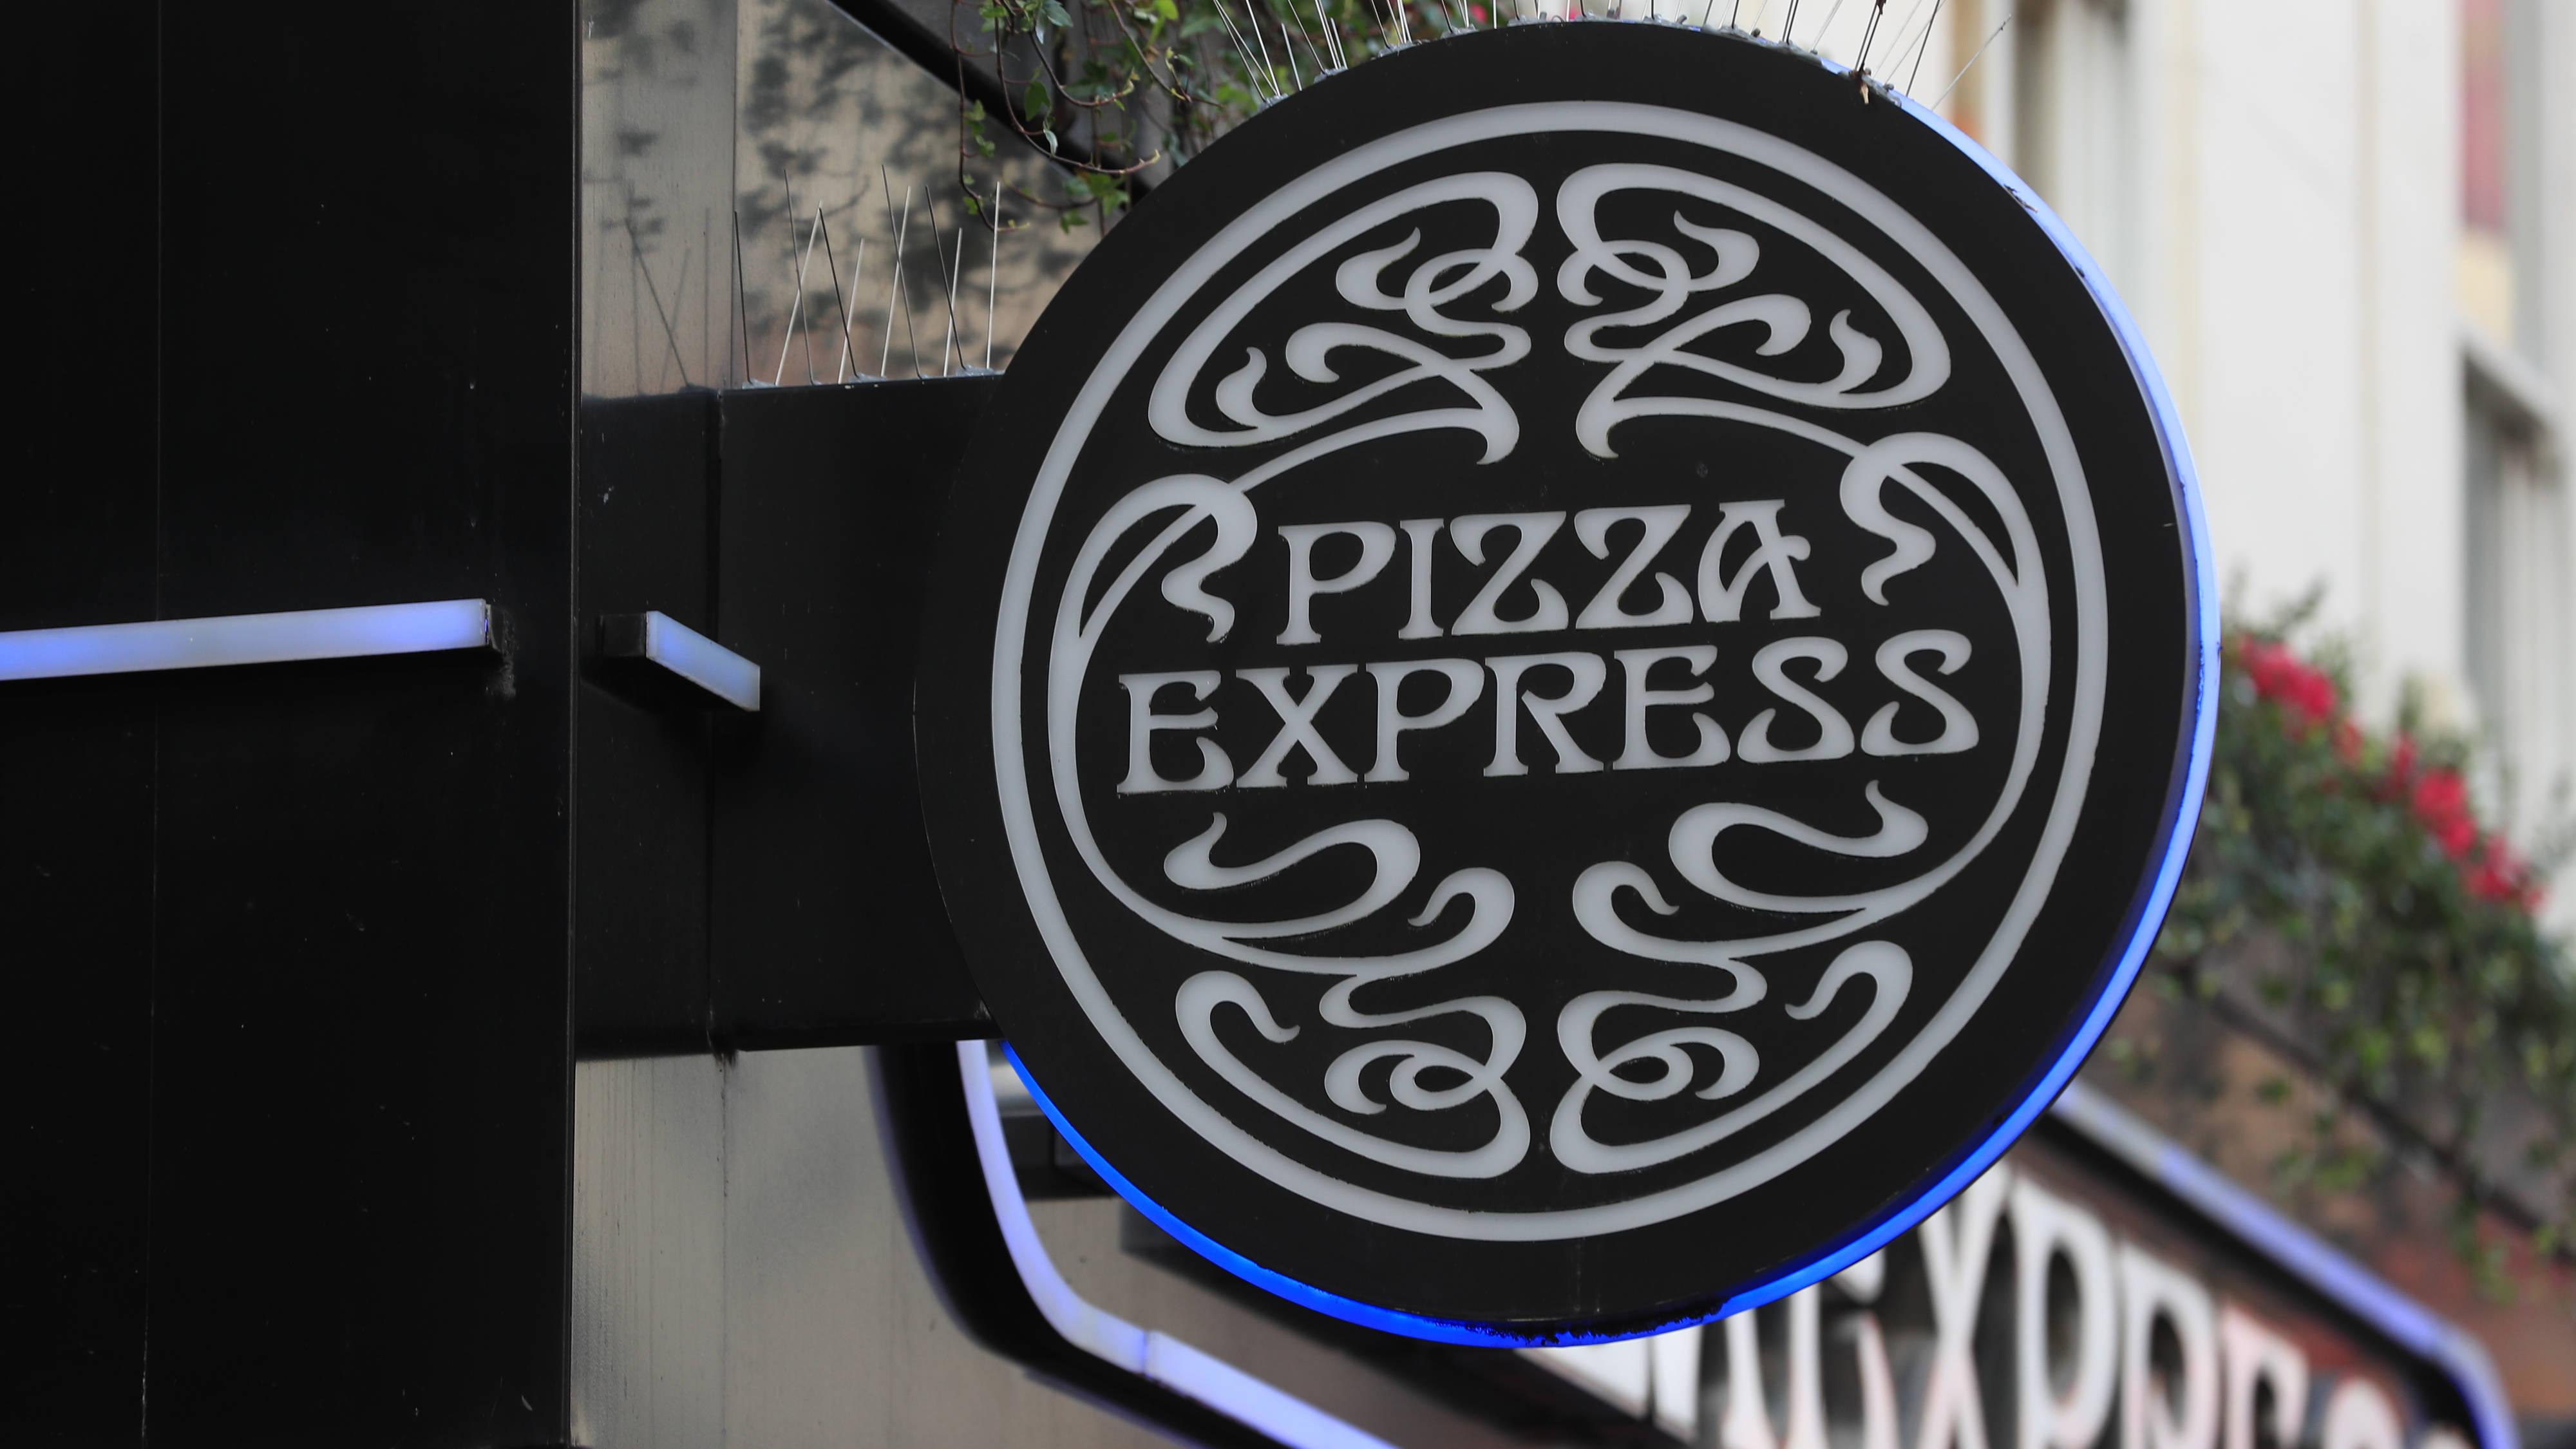 Pizza Express Hires Financial Advisers Ahead Of Debt Talks